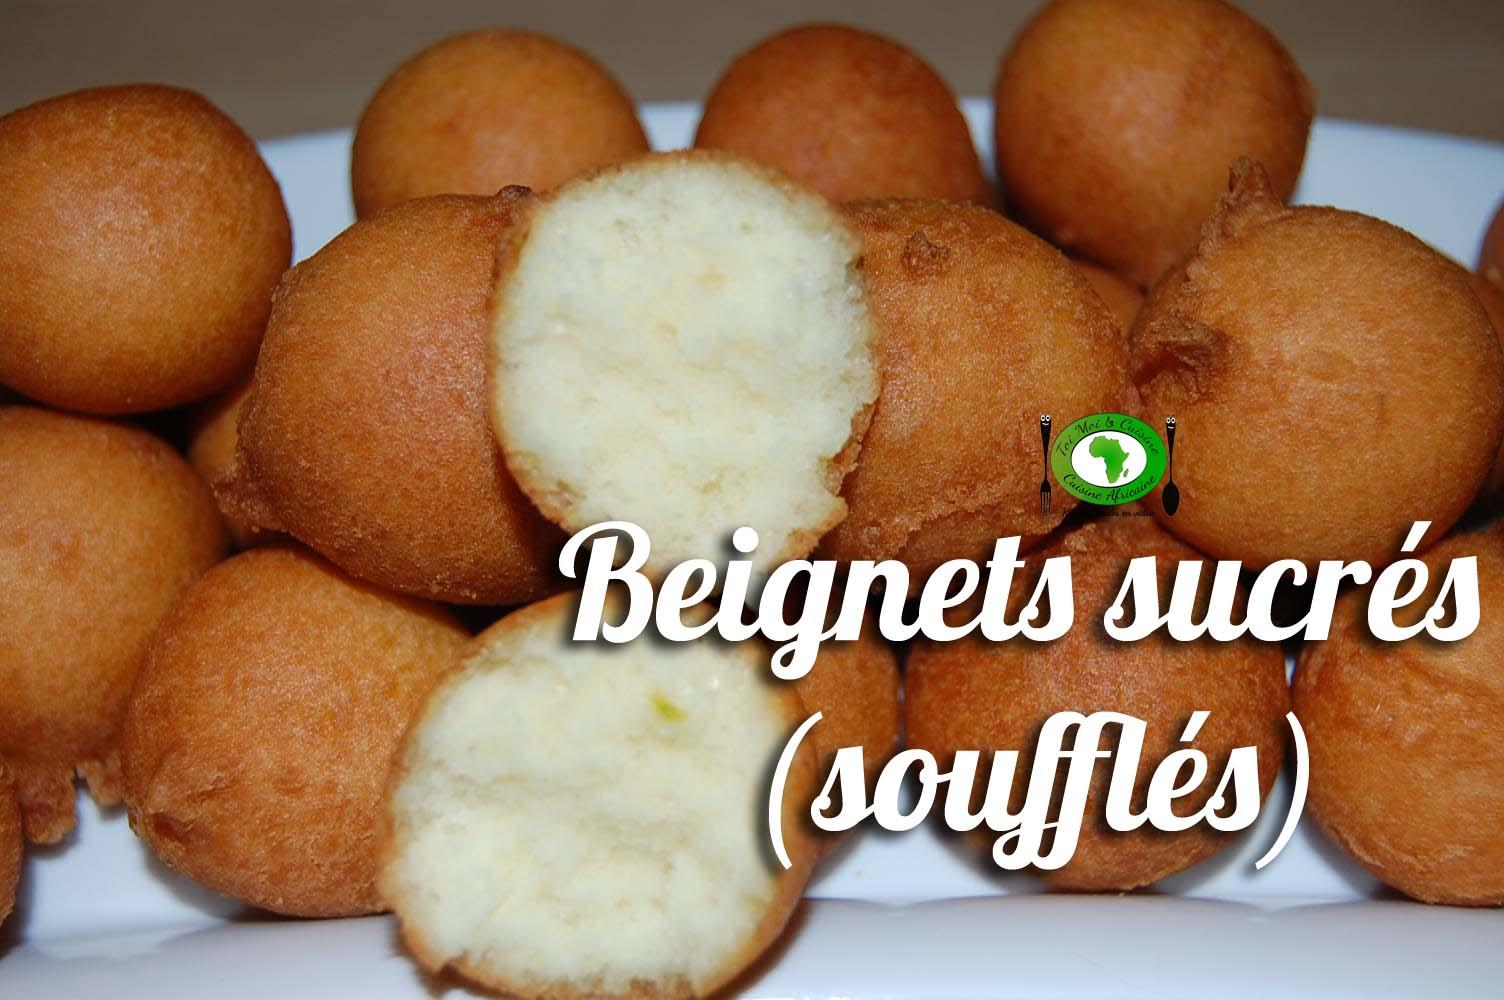 Beignets sucr s souffl s pour le cameroun tchop afrik 39 a cuisine - Recette beignet facile avec levure de boulanger ...